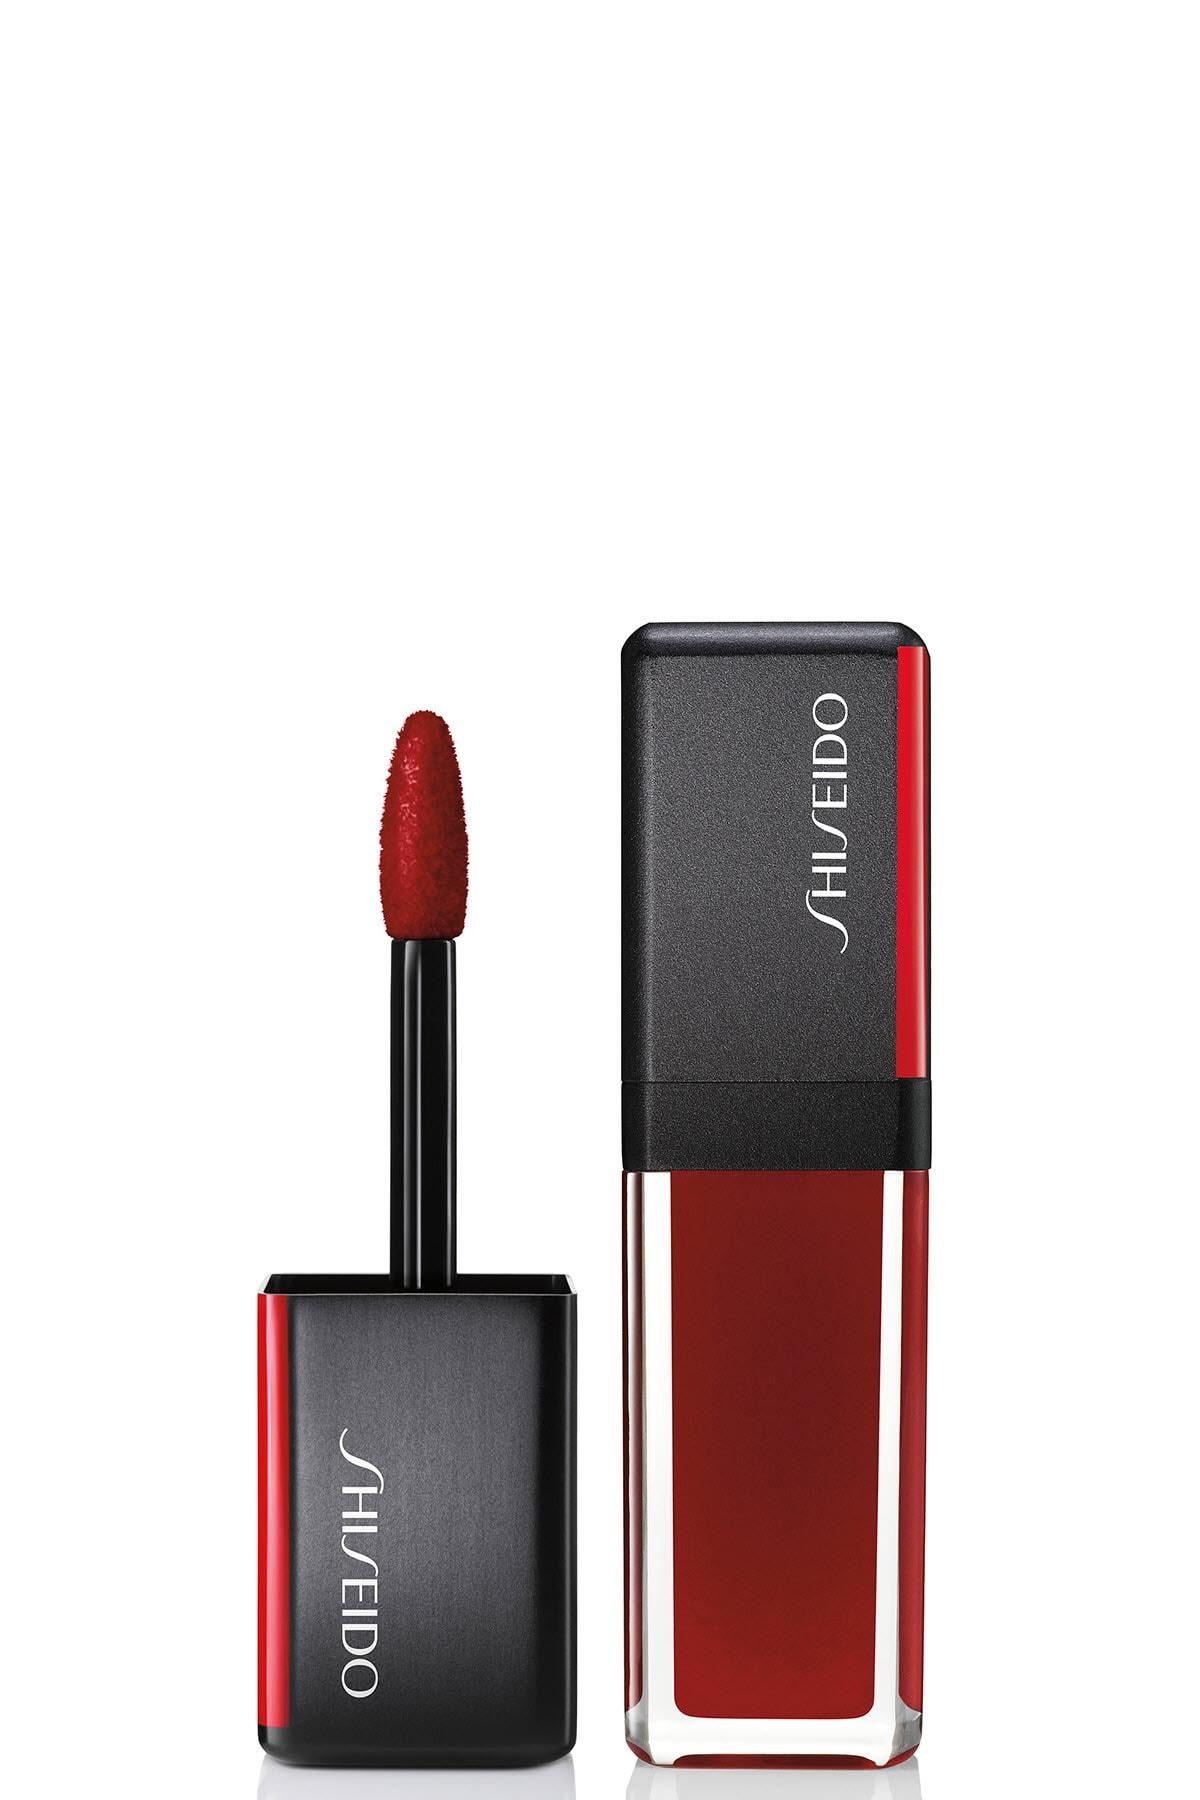 Shiseido Uzun Süre Dayanıklı Parlak Likit Ruj - SMK Lacquerink Lipshine 307 730852148307